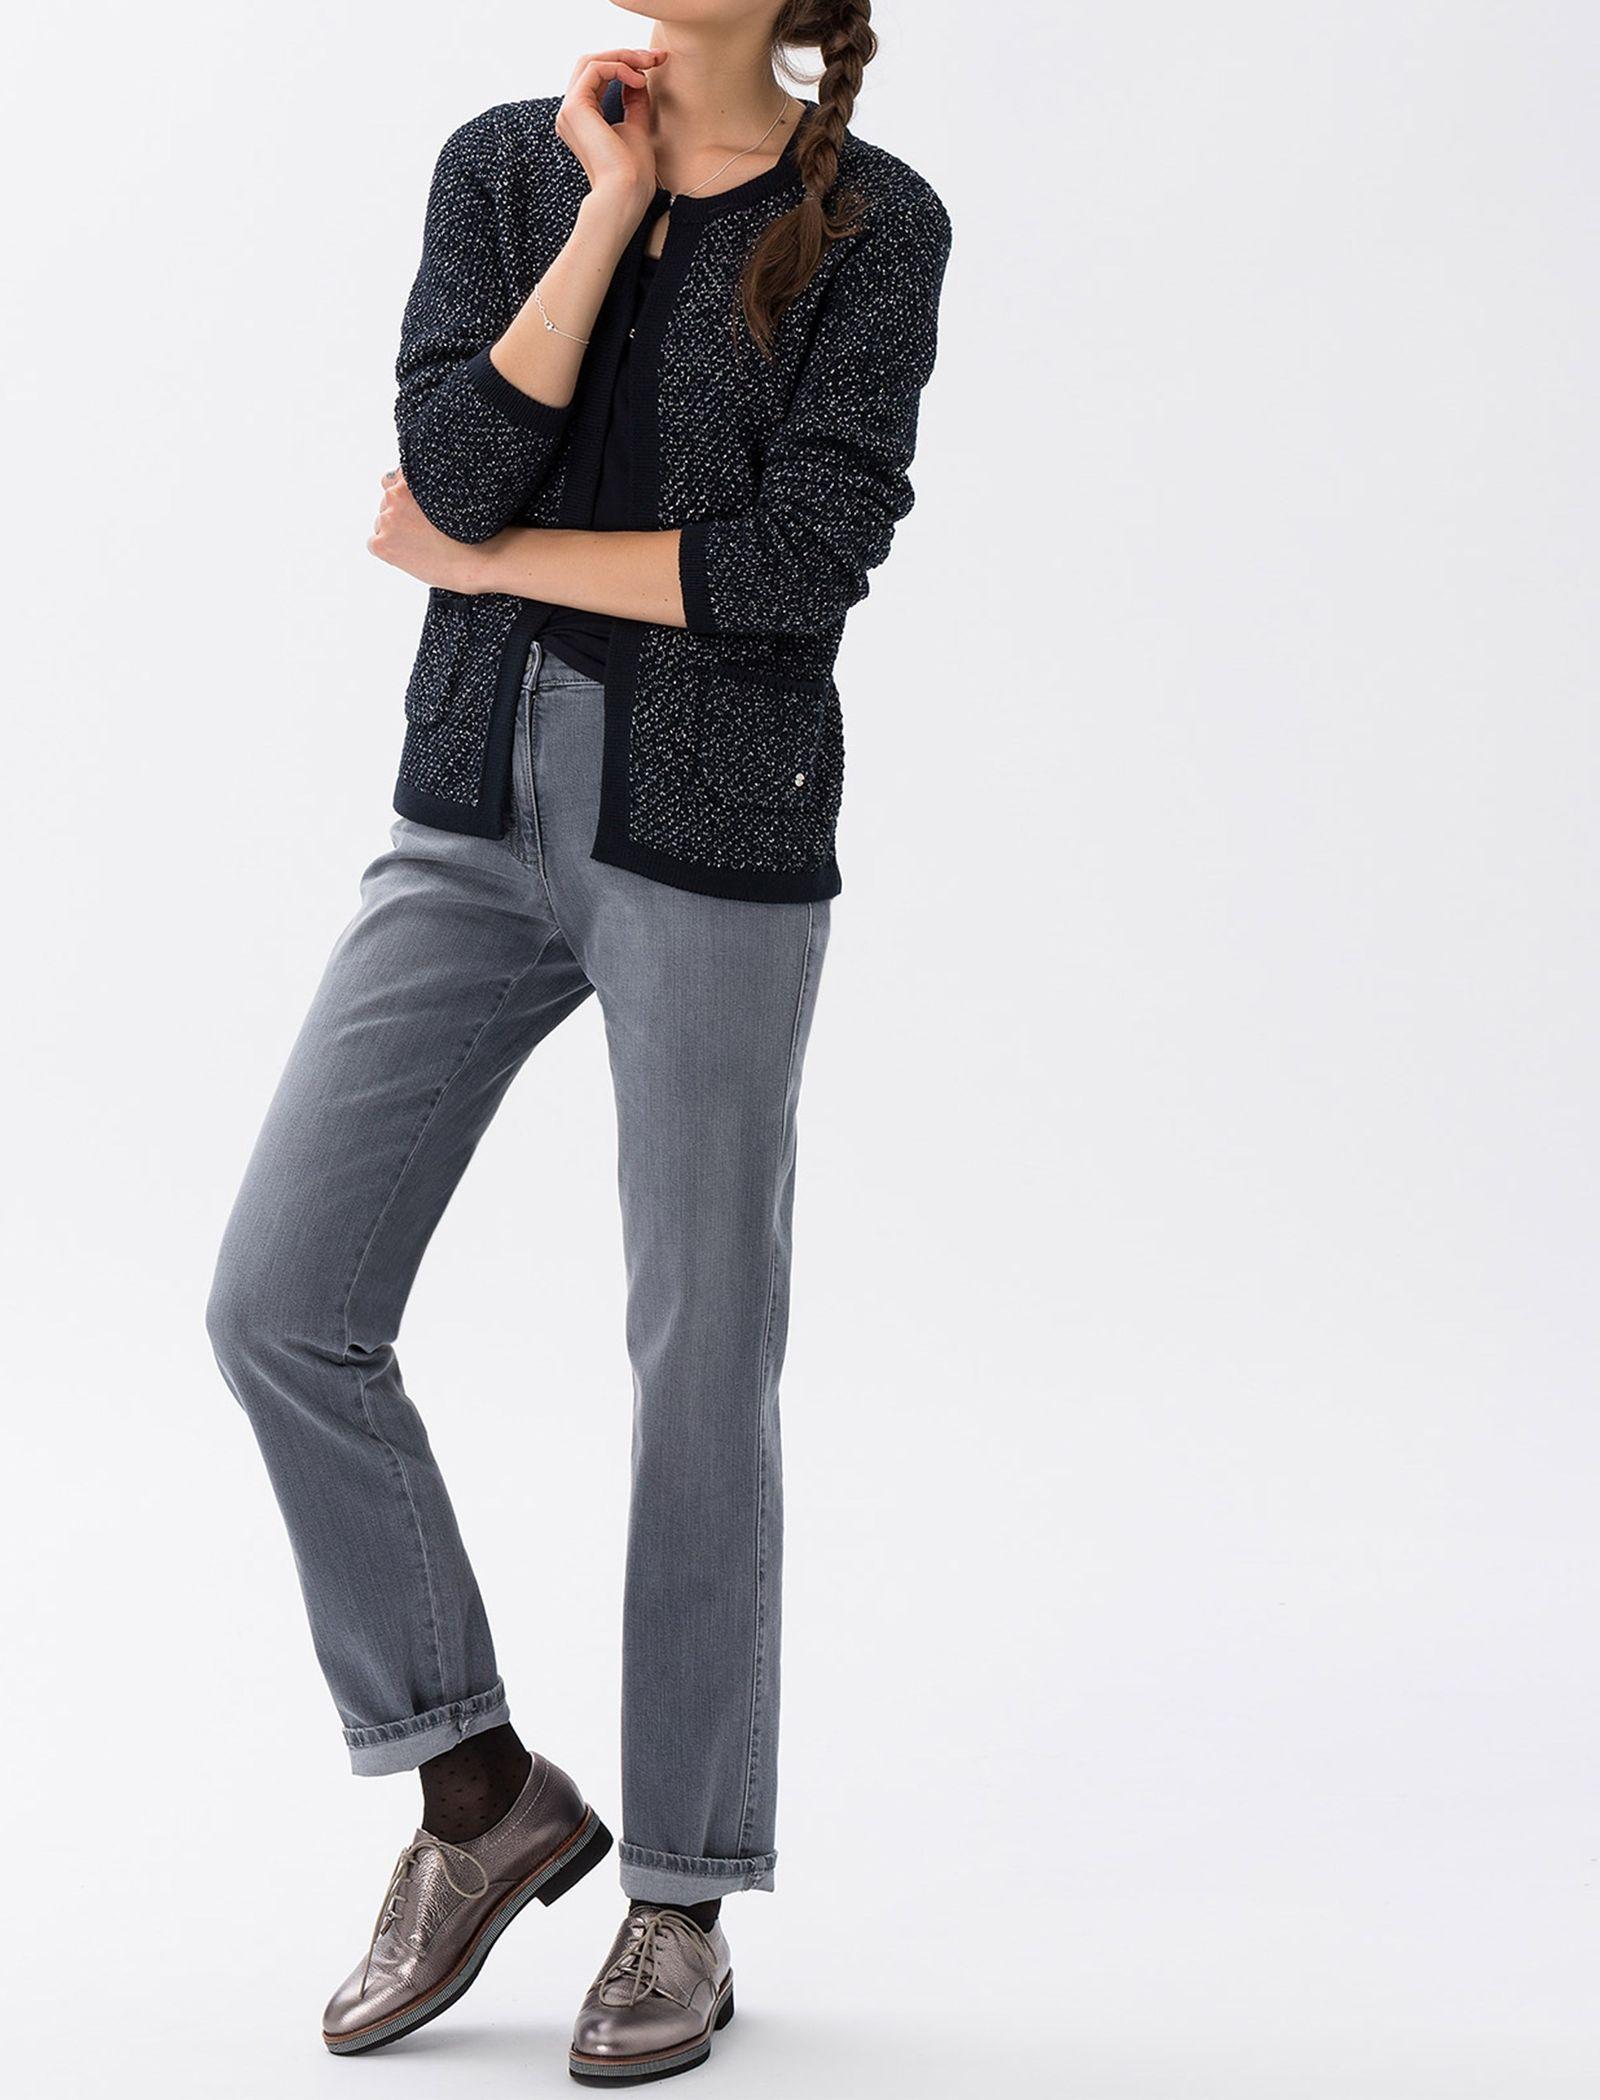 شلوار جین راسته زنانه BX-MARY - برکس - طوسي - 5